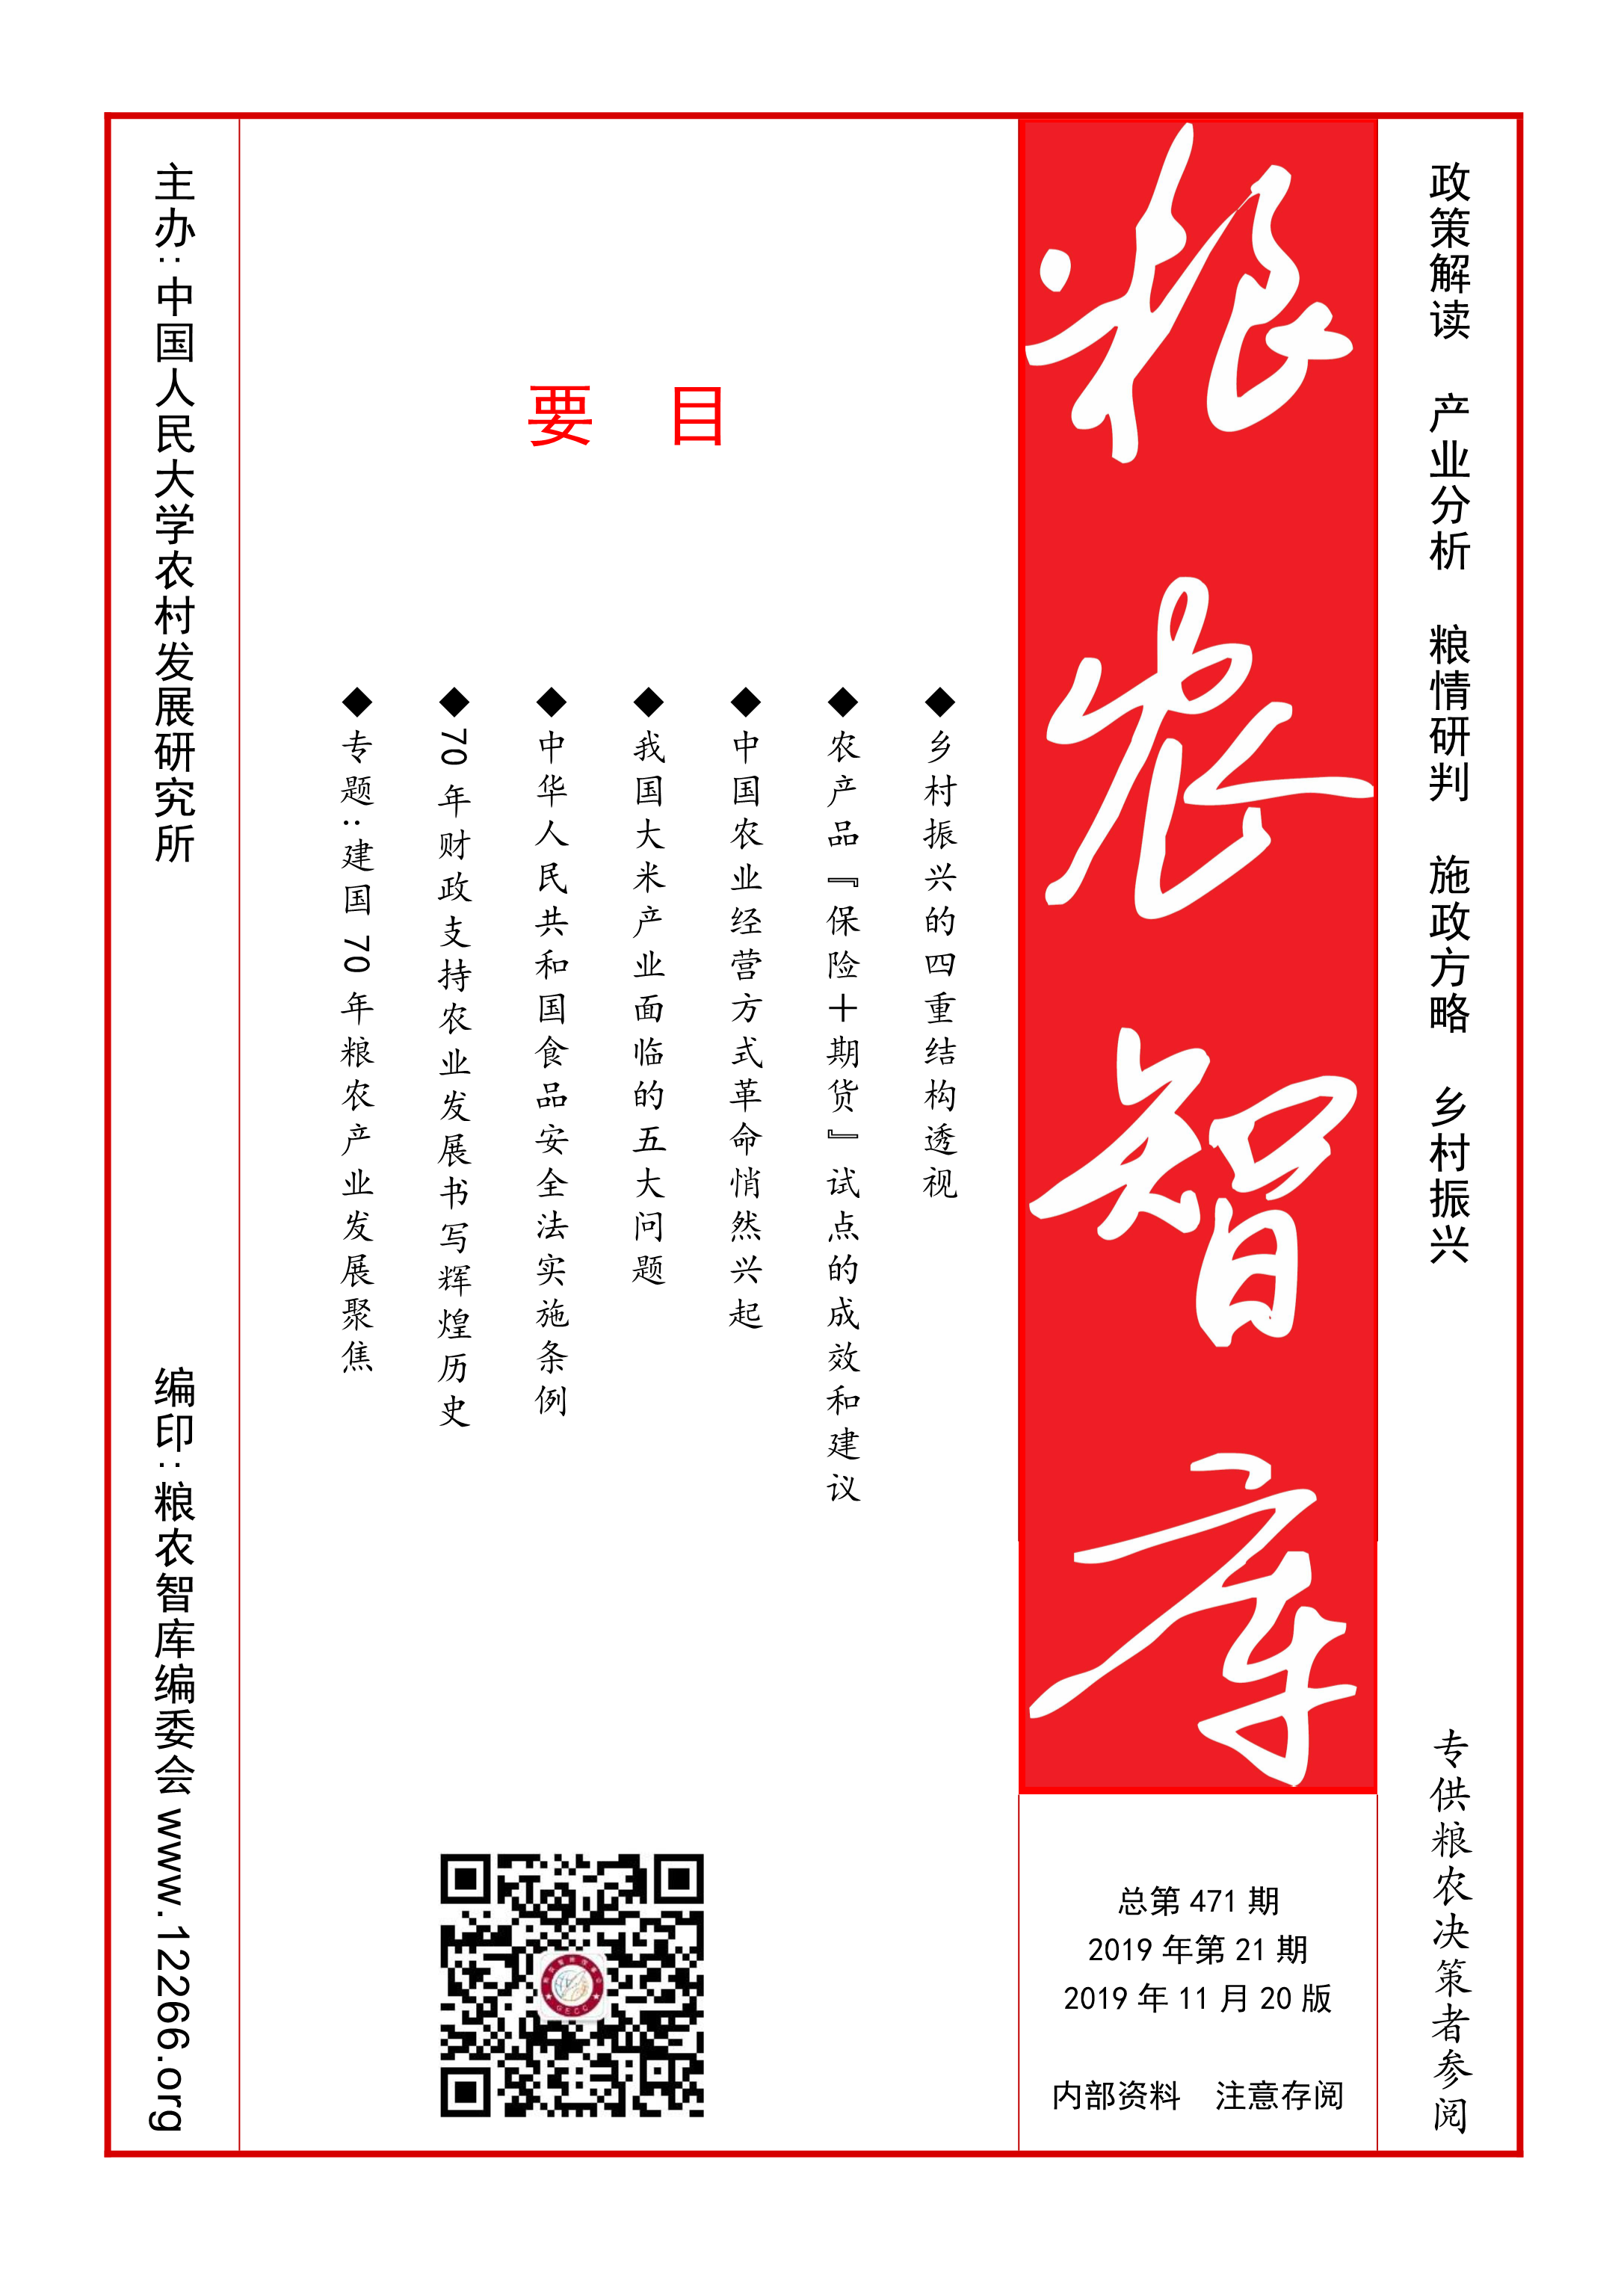 粮农智库-封面1921.png